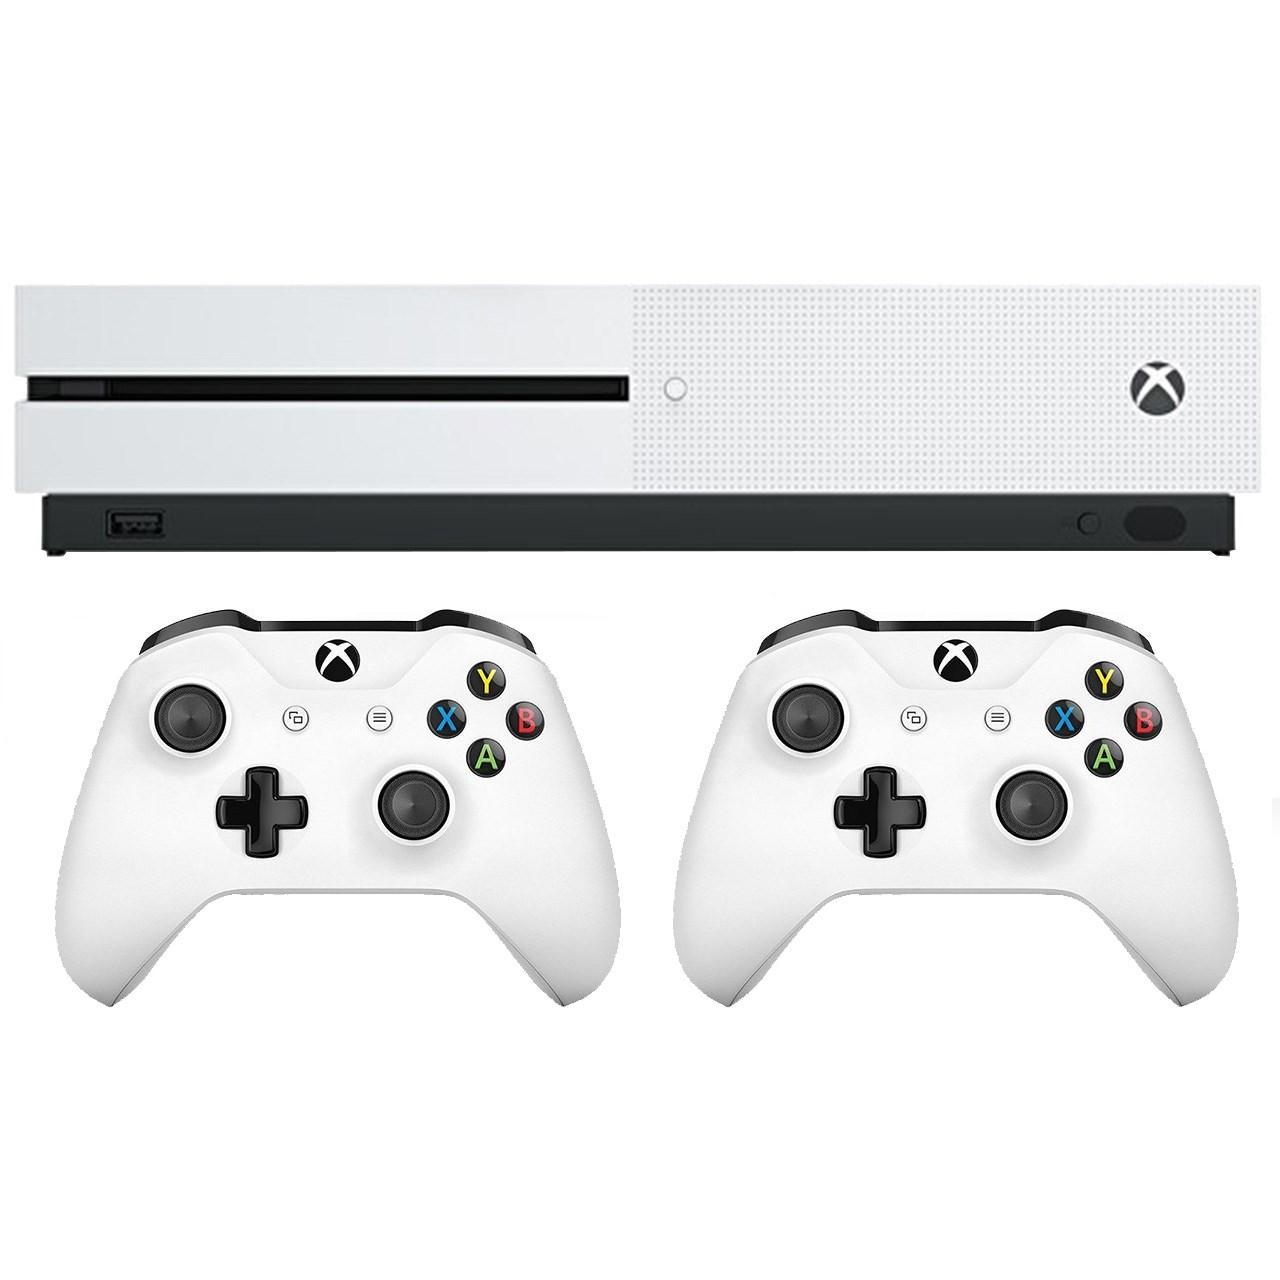 خرید مجموعه کنسول بازی مایکروسافت مدل  Xbox One S ظرفیت 1 ترابایت